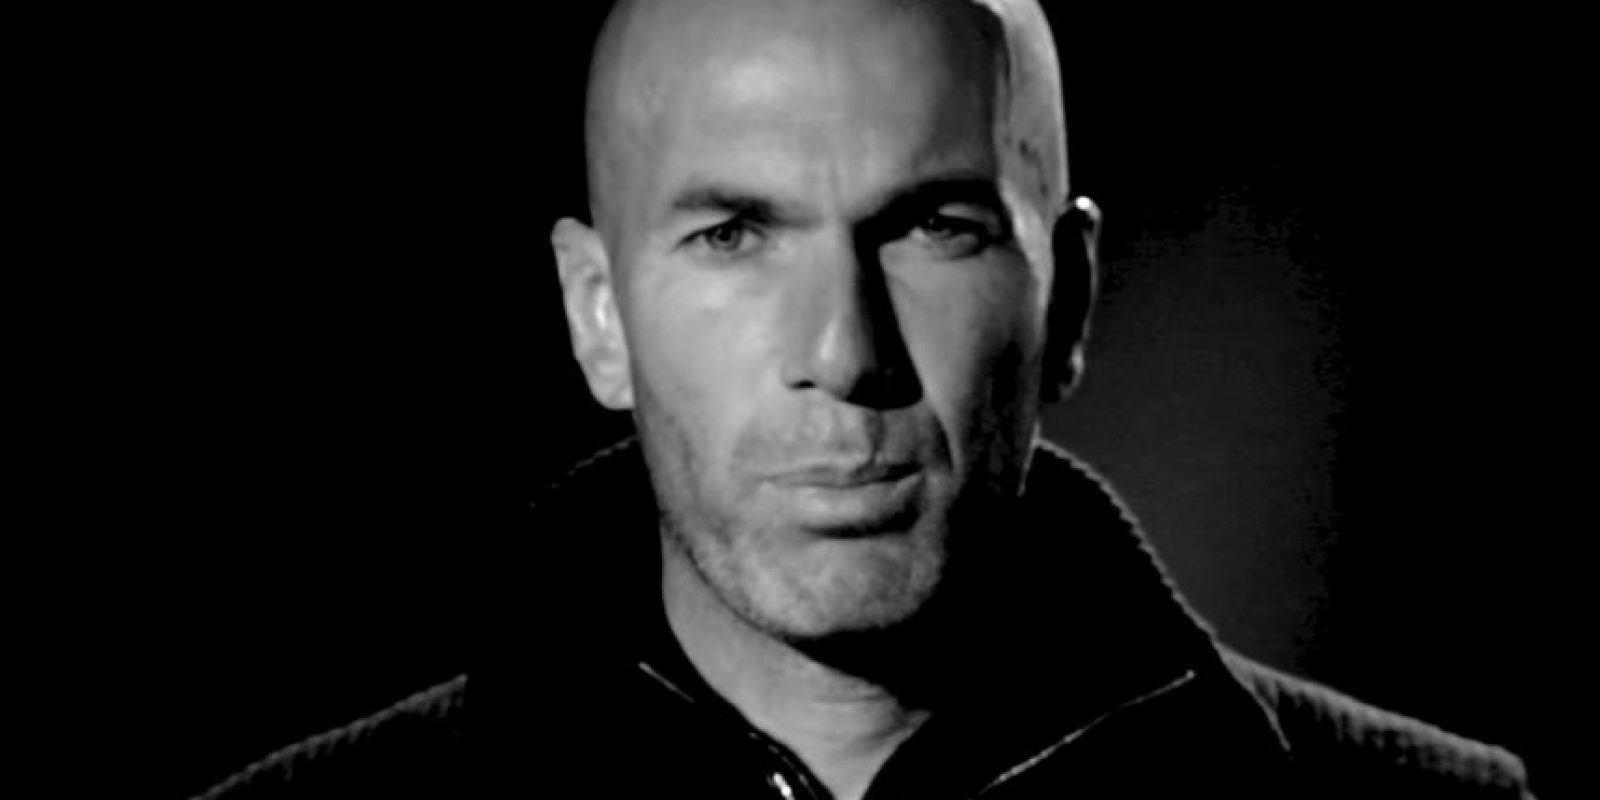 Zinedine Zidane, exfutbolista y campeón del mundo con Francia. Foto:vía PSG – Paris Saint-Germain / YouTube